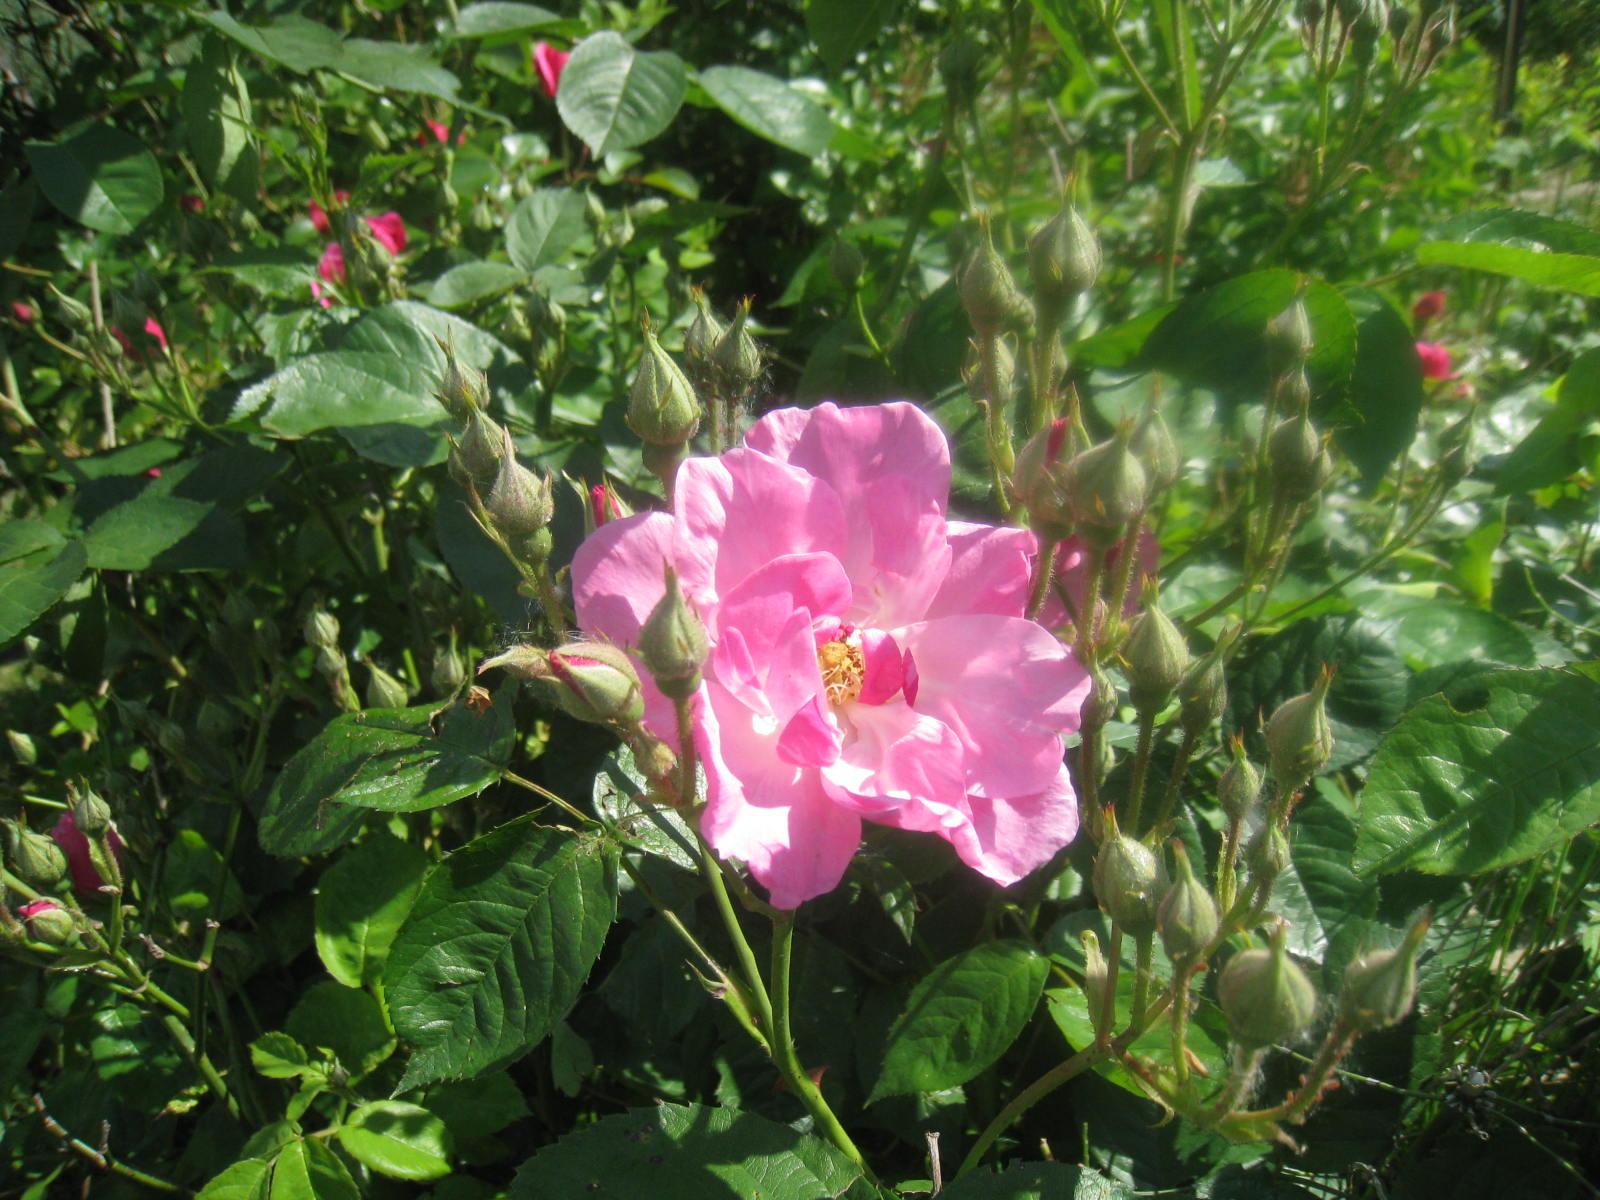 en fleurs chez moi - Page 2 216149005